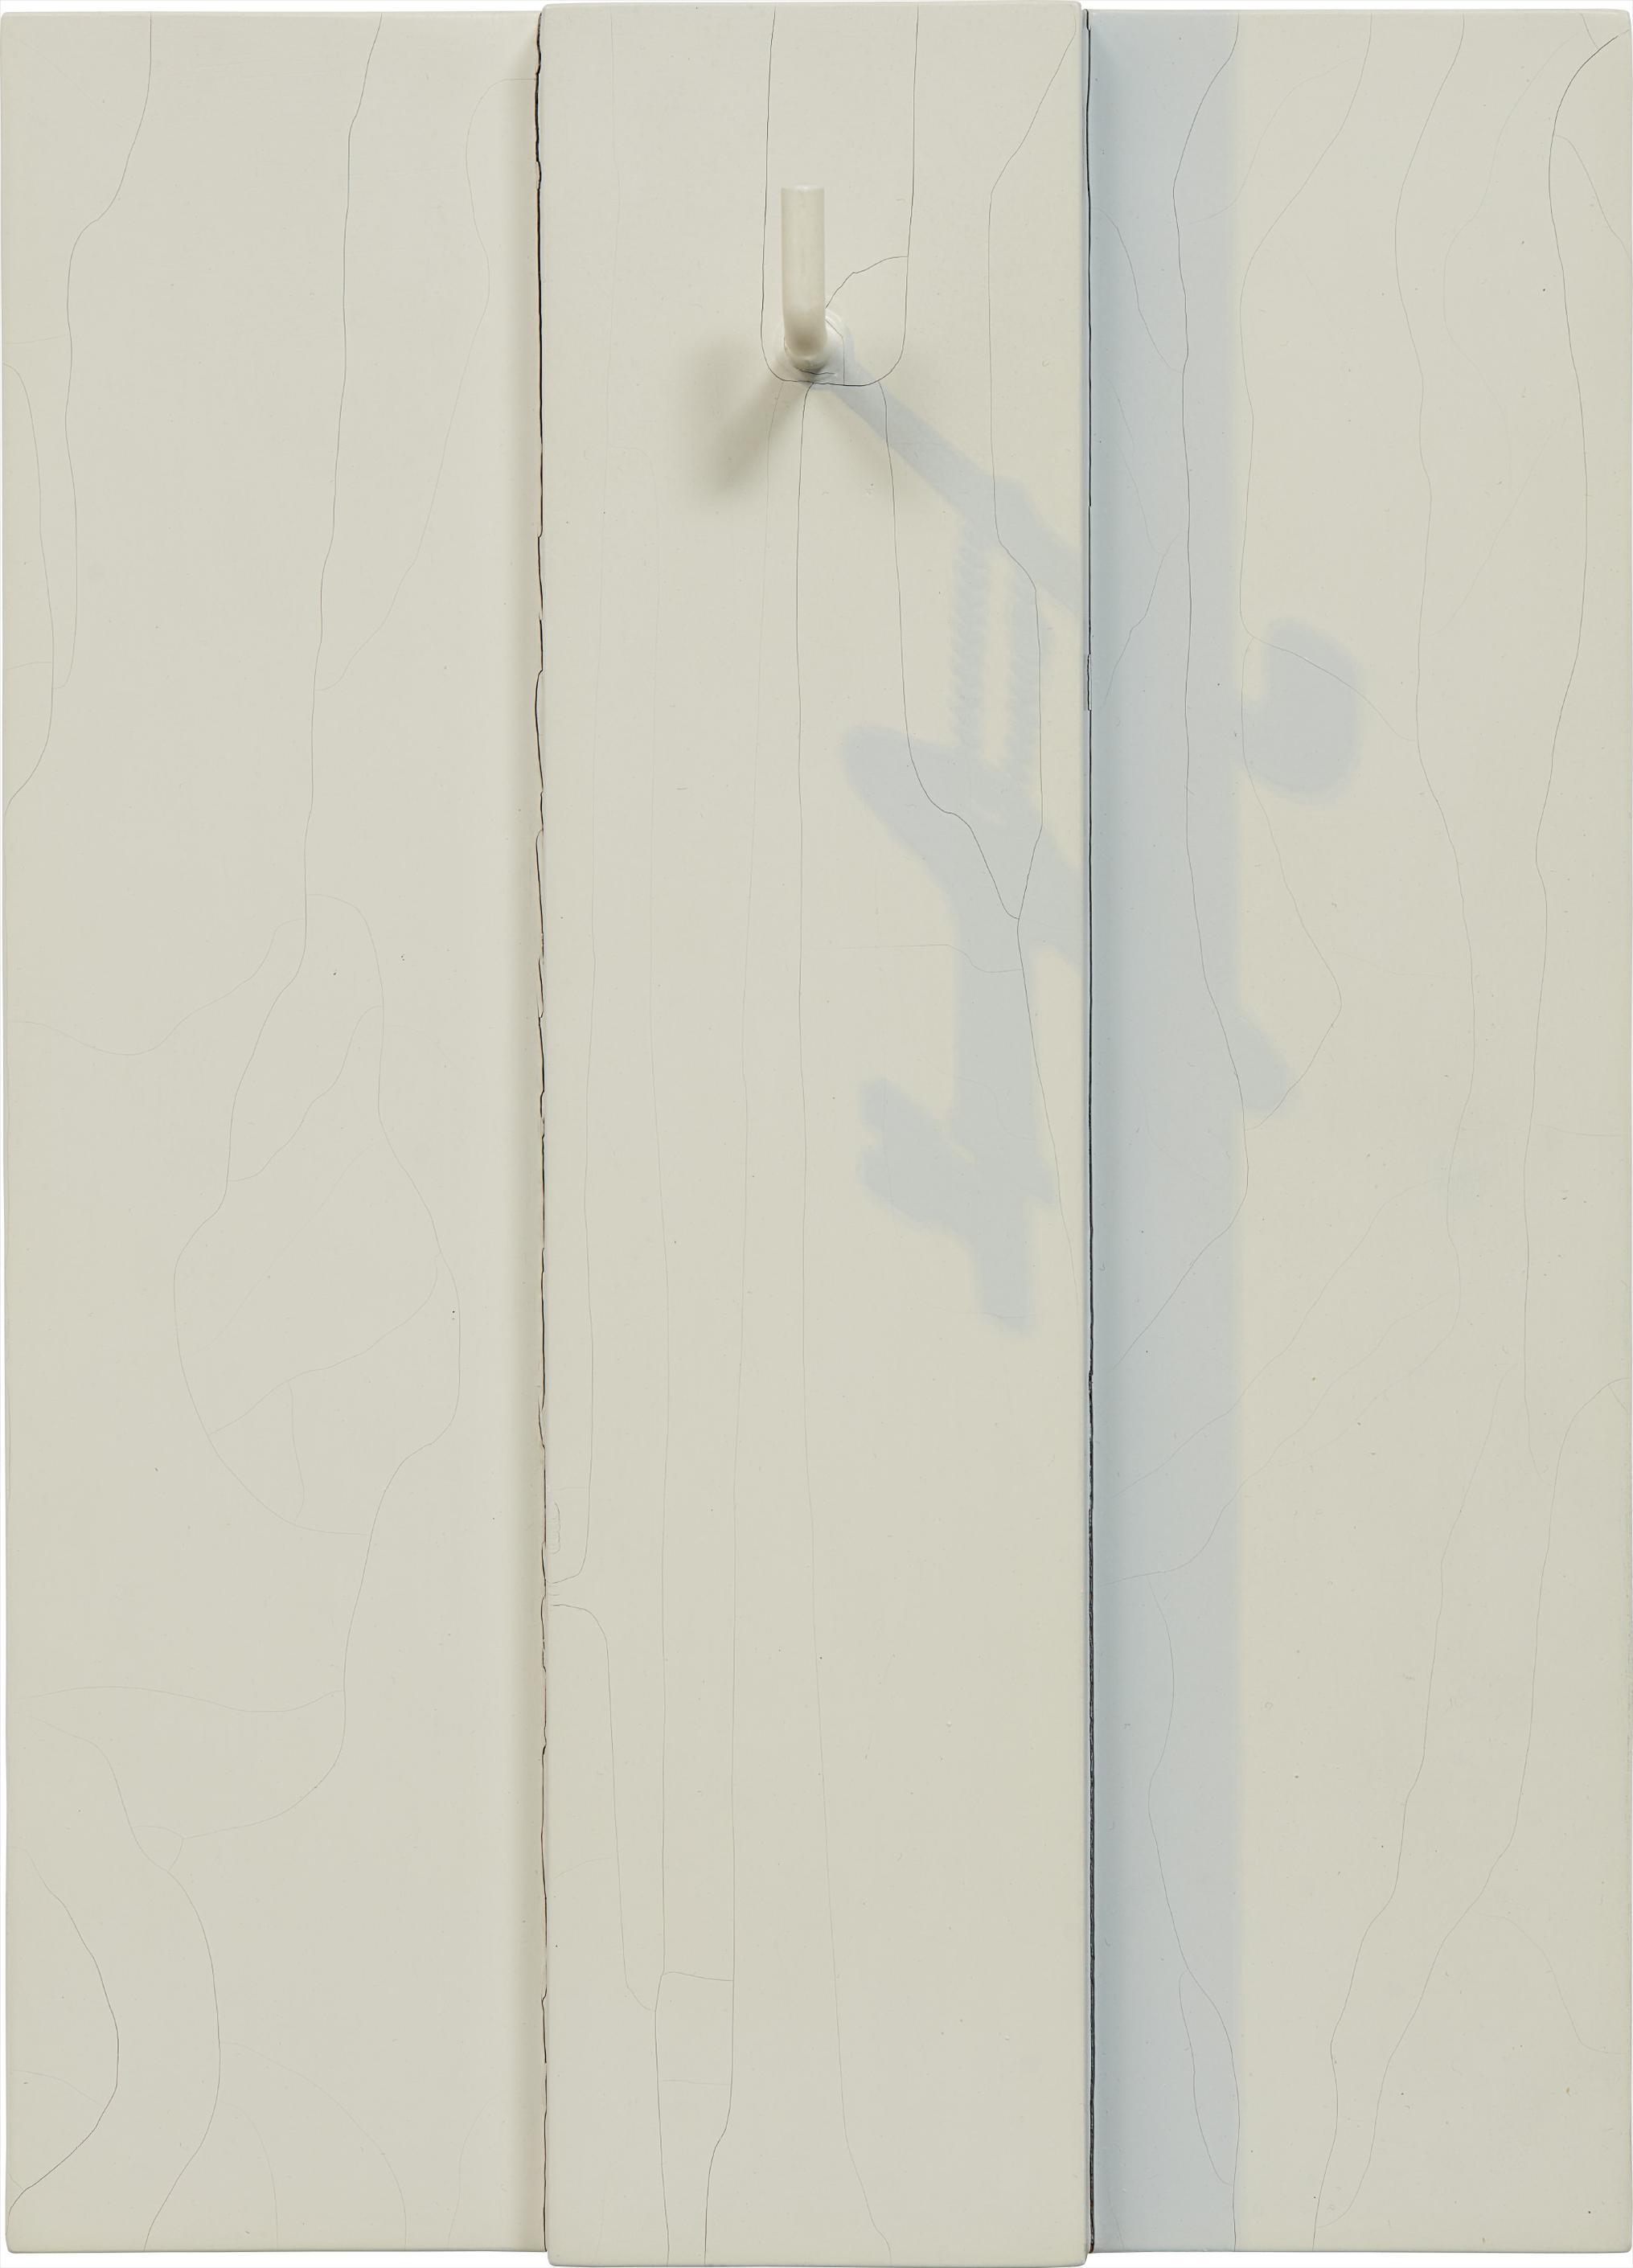 Jiro Takamatsu-Shadow Of Key No. 283-1970